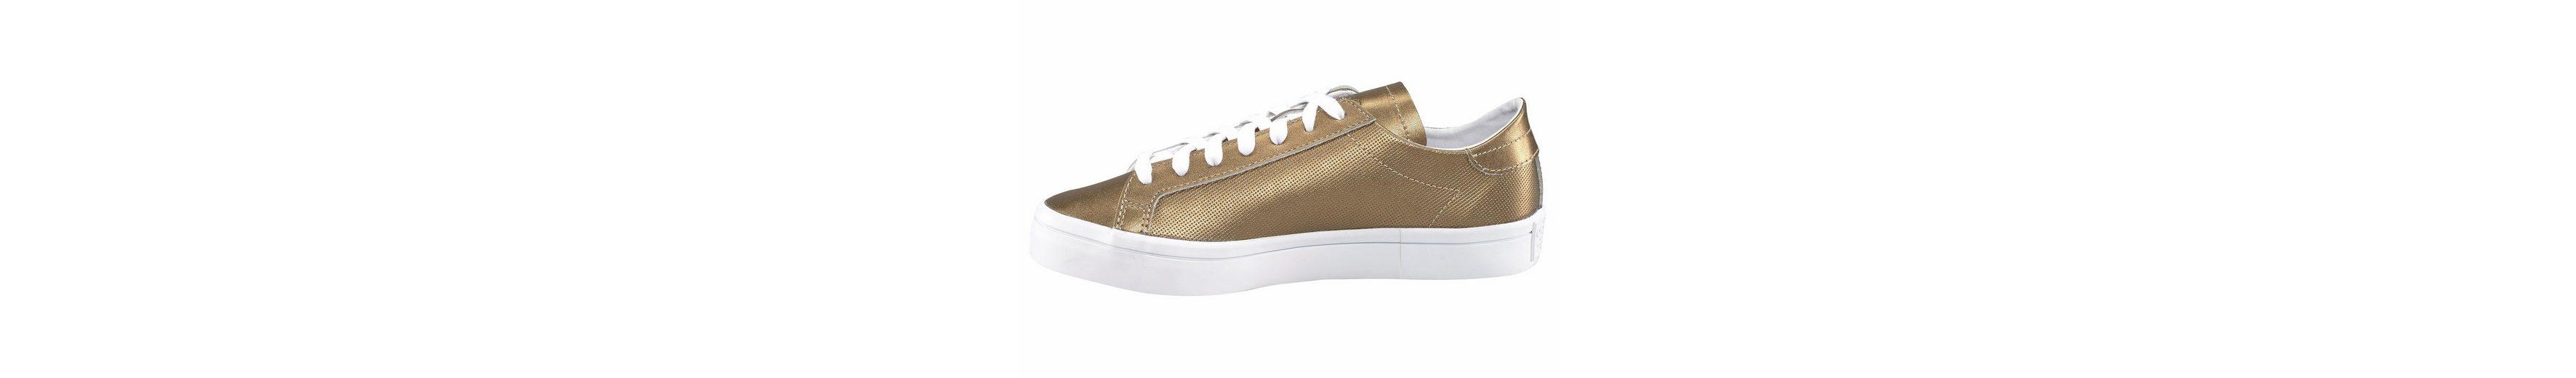 Billig Kaufen Bestellen adidas Originals Courtvantage W Sneaker Günstig Kaufen 2018 Neueste Qualität Freies Verschiffen Bestseller Online Verkauf Wahl EalGoo